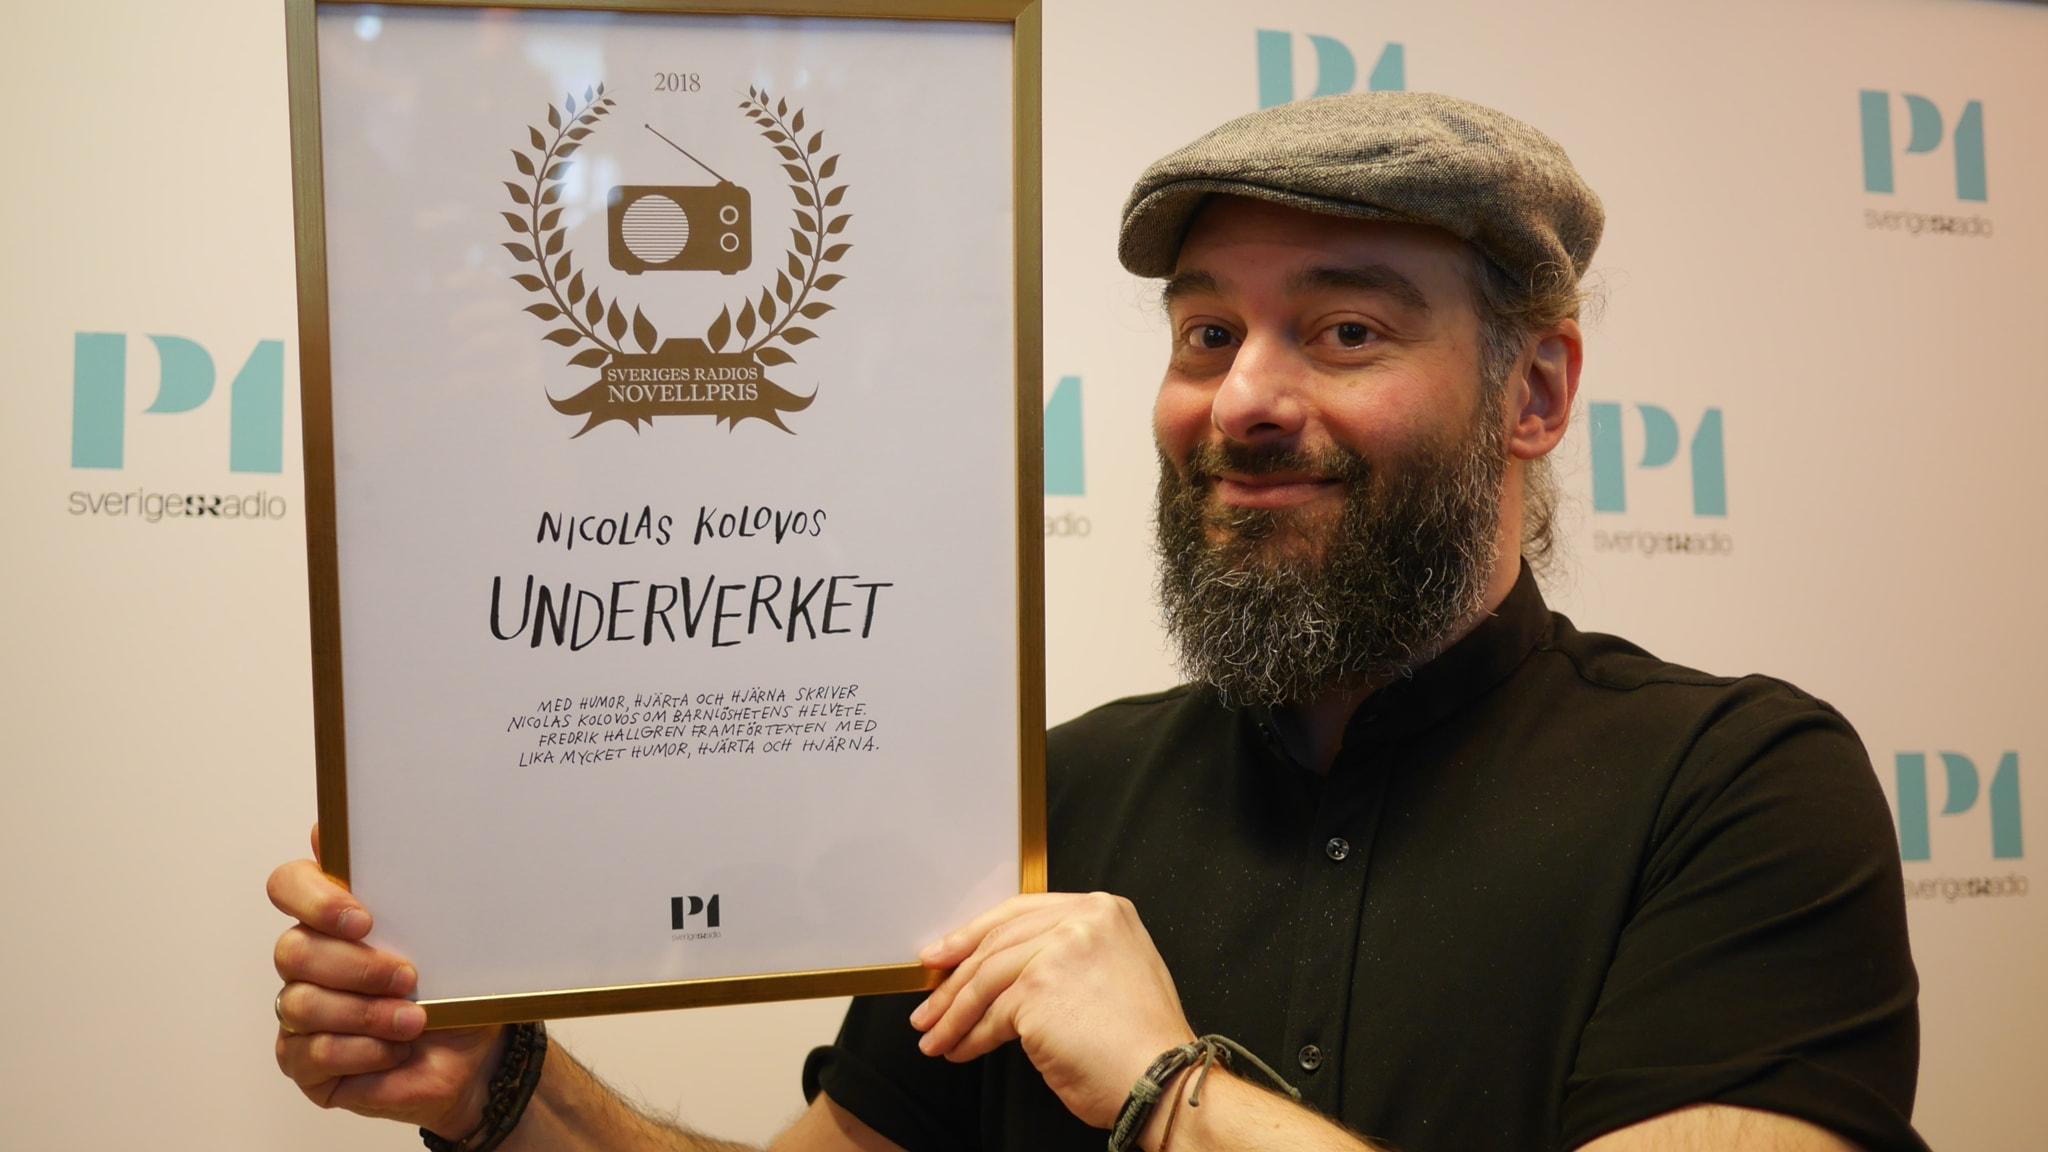 Underverket av Nicolas Kolovos i uppläsning av Fredrik Hallgren.  Vinnare av Sveriges Radios Novellpris 2018.